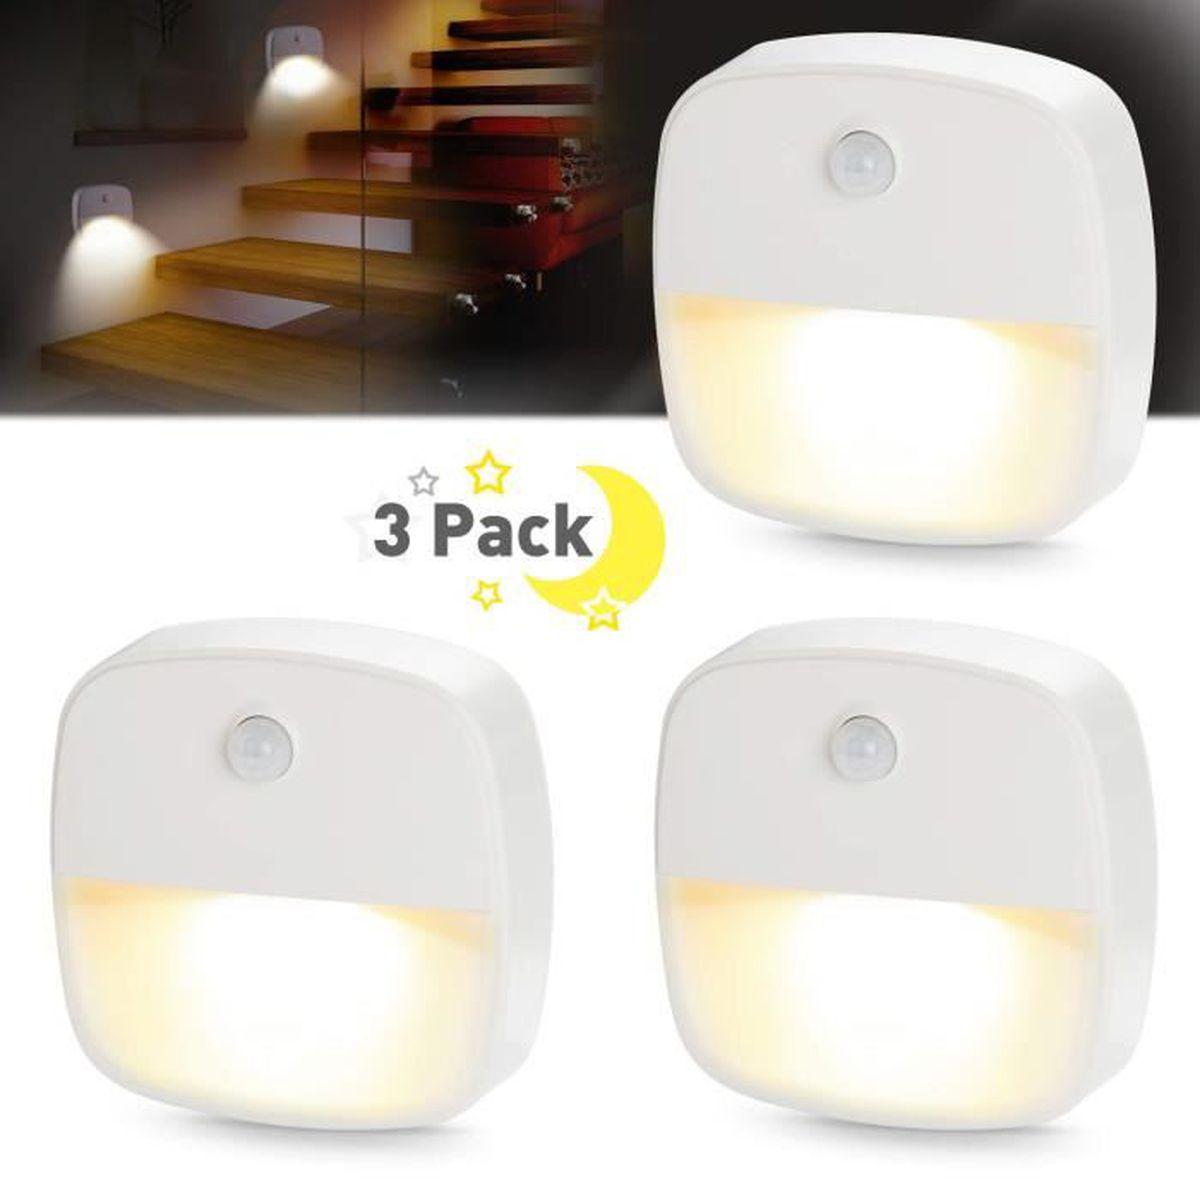 3PCS USB Blanc Capteur LED Cabinet Veilleuse Double induction USB AA Capteur de mouvement infrarouge PIR Blanc//Lampe murale murale magn/étique chaude